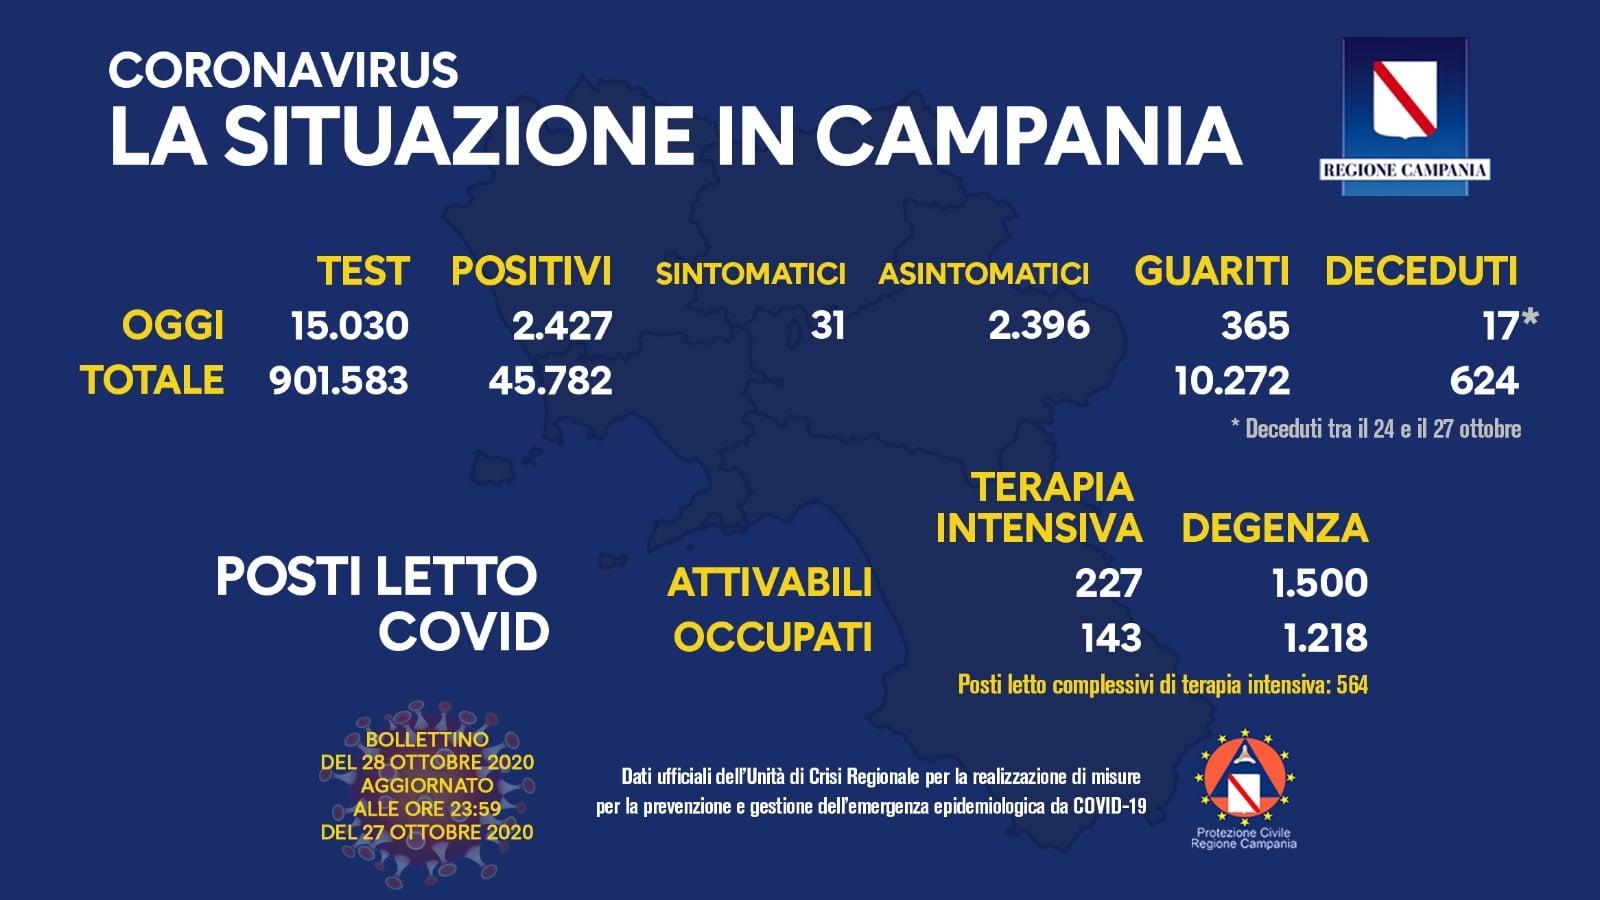 Coronavirus in Campania: bollettino del 28 ottobre 2020